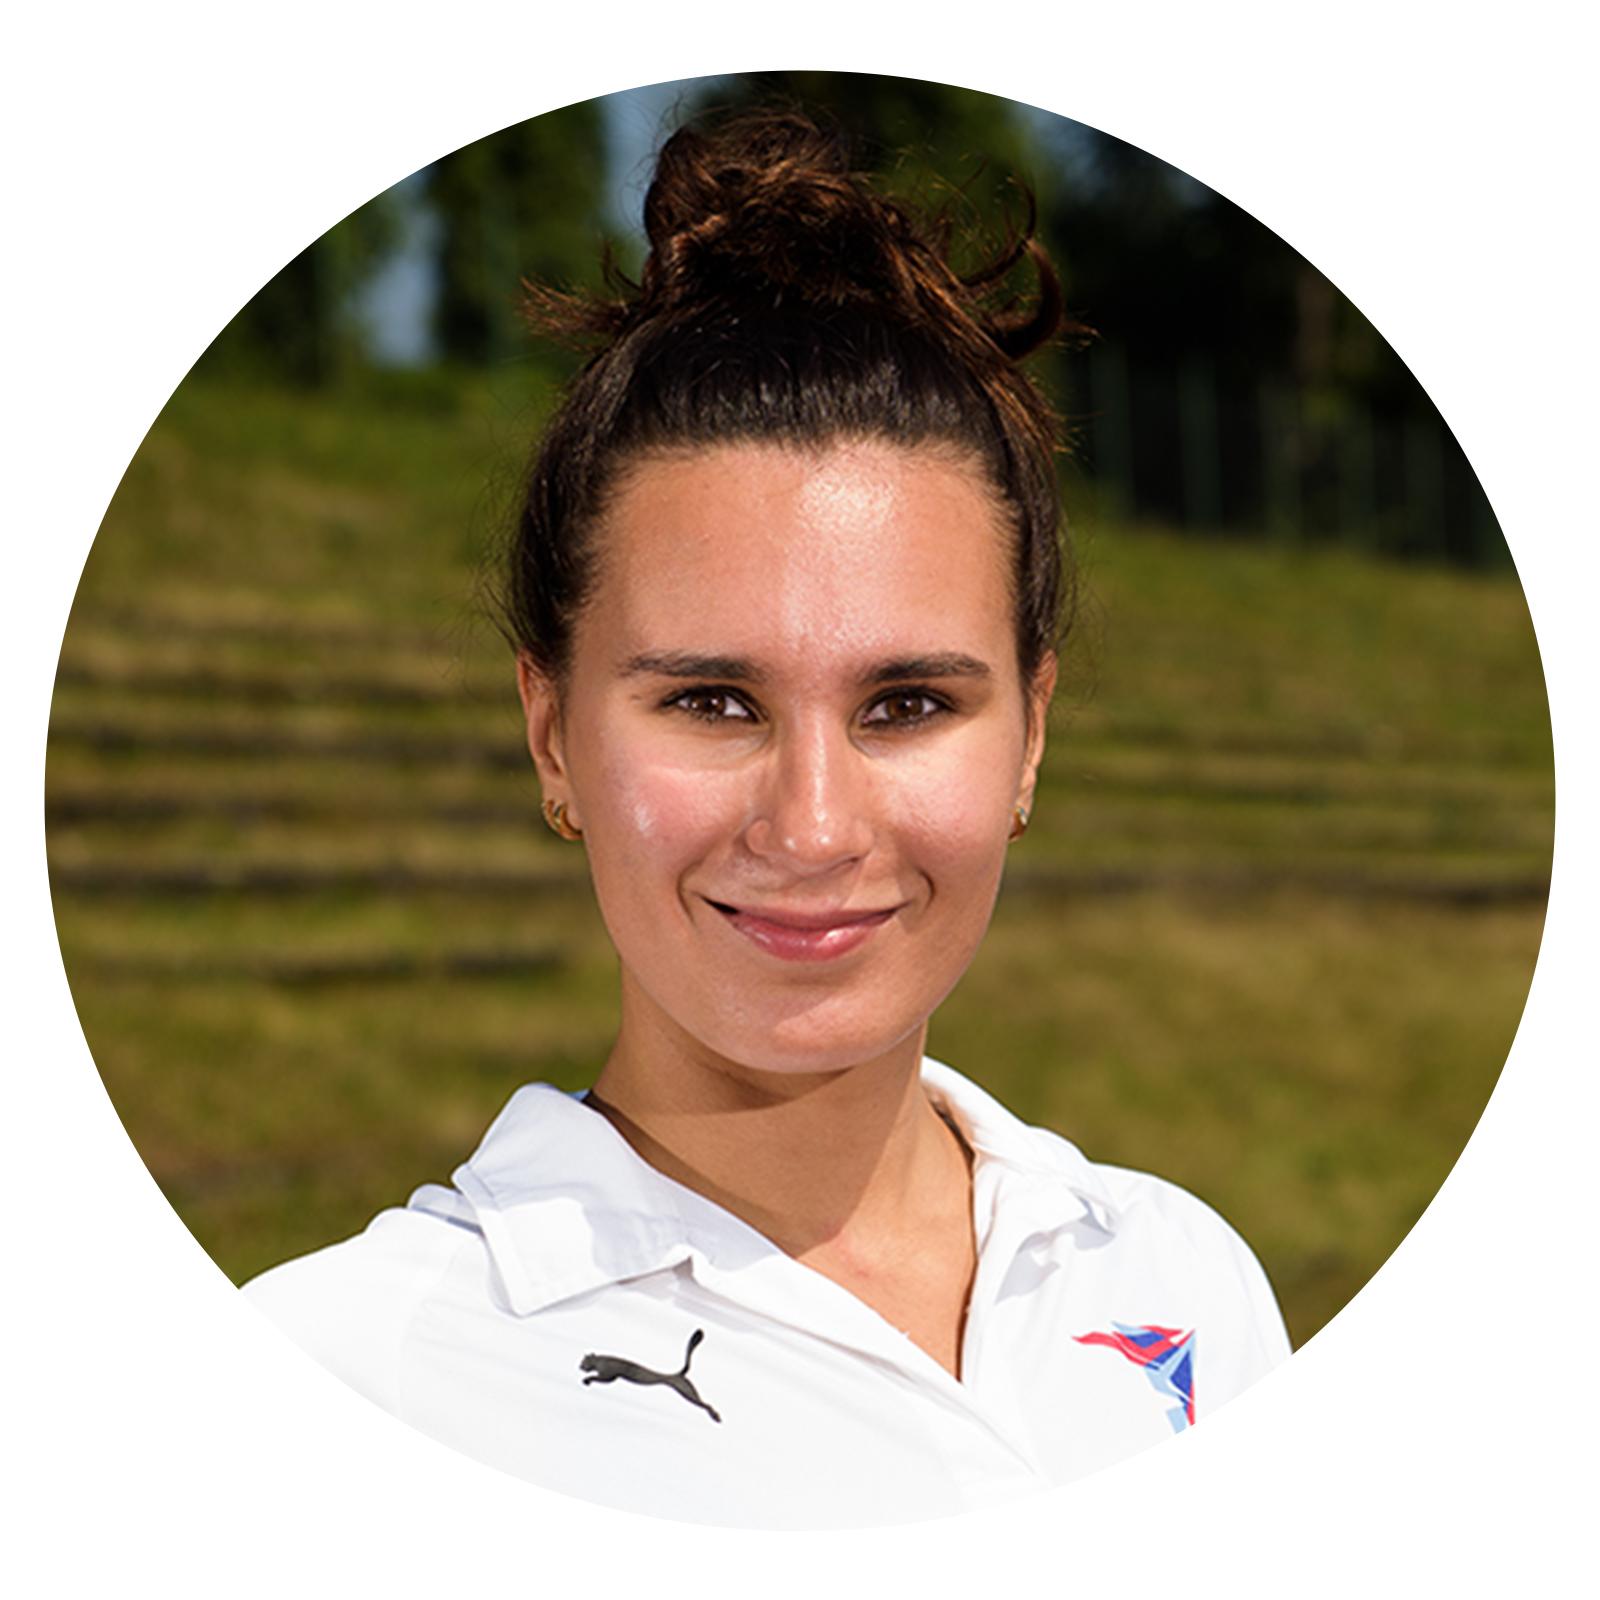 <h6><strong>Daniela Balatoniová</strong></h6>